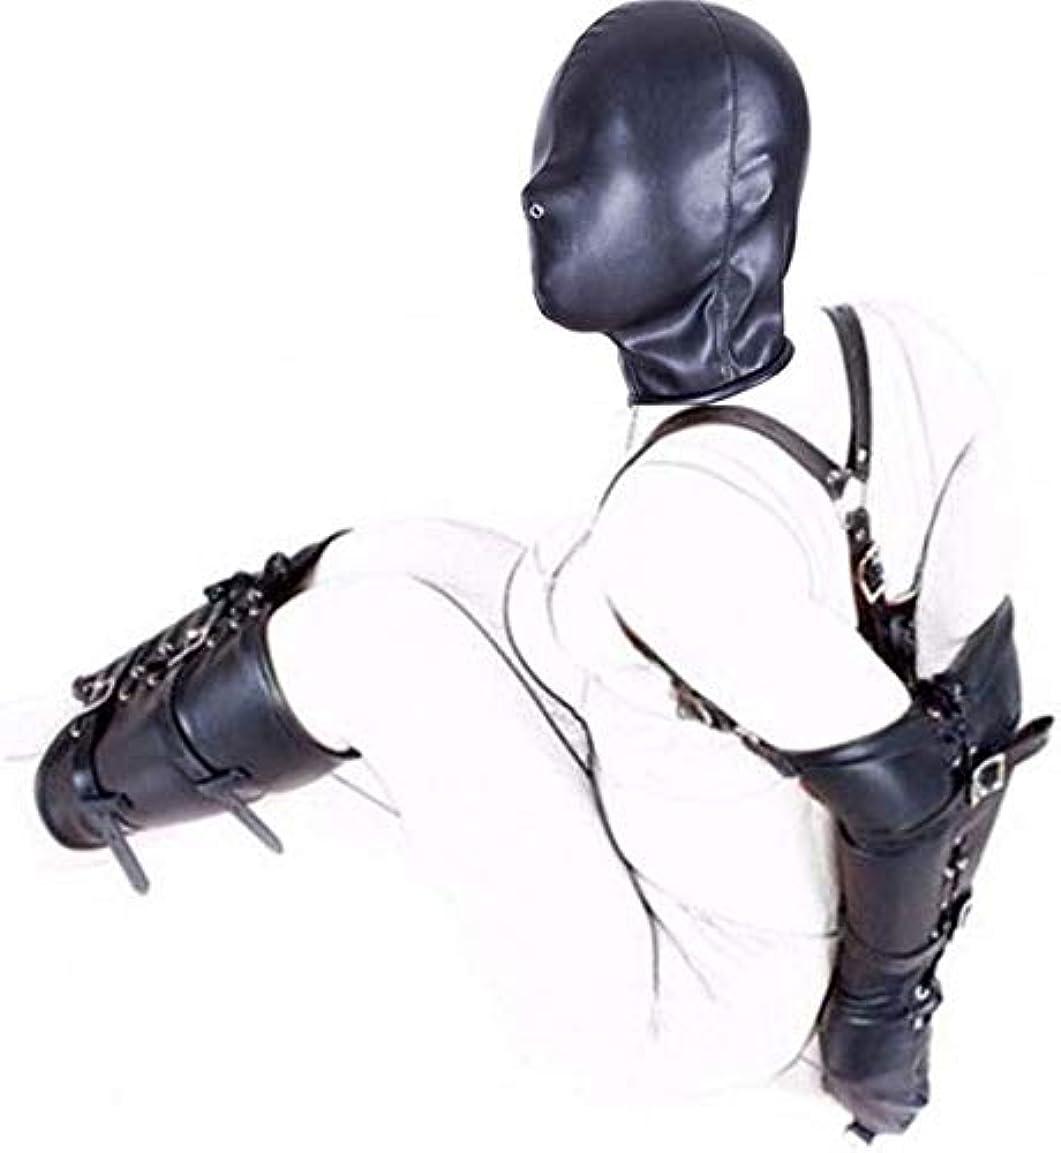 宿コスチューム五月レザー腕+脚拘束+フルフェイスヘッドマスク、ハンド+フット+ヘッドアジャスタブル拘束がんじがらめシステムとのSMボンデージ設定